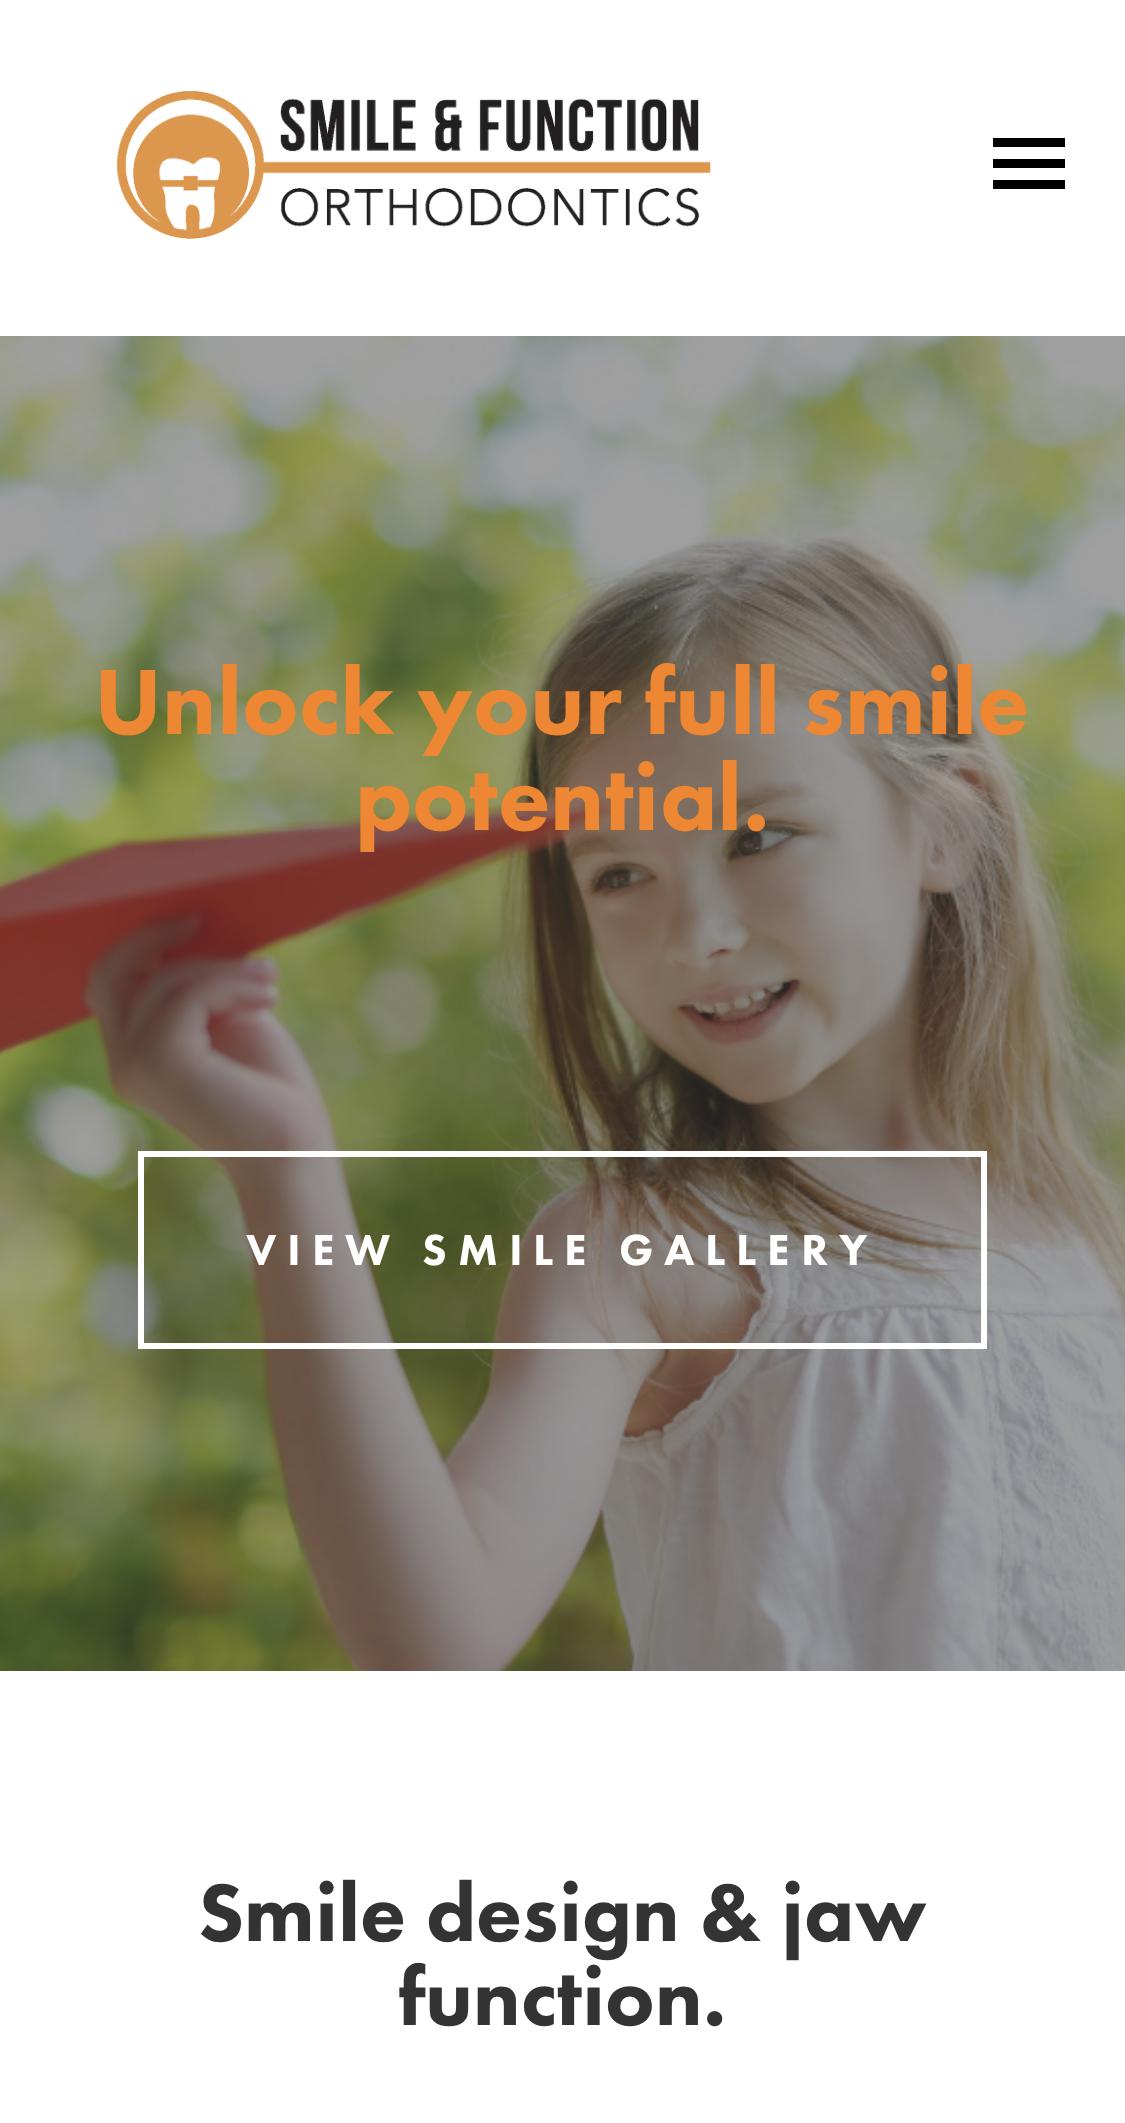 Smile & Function Orthodontics